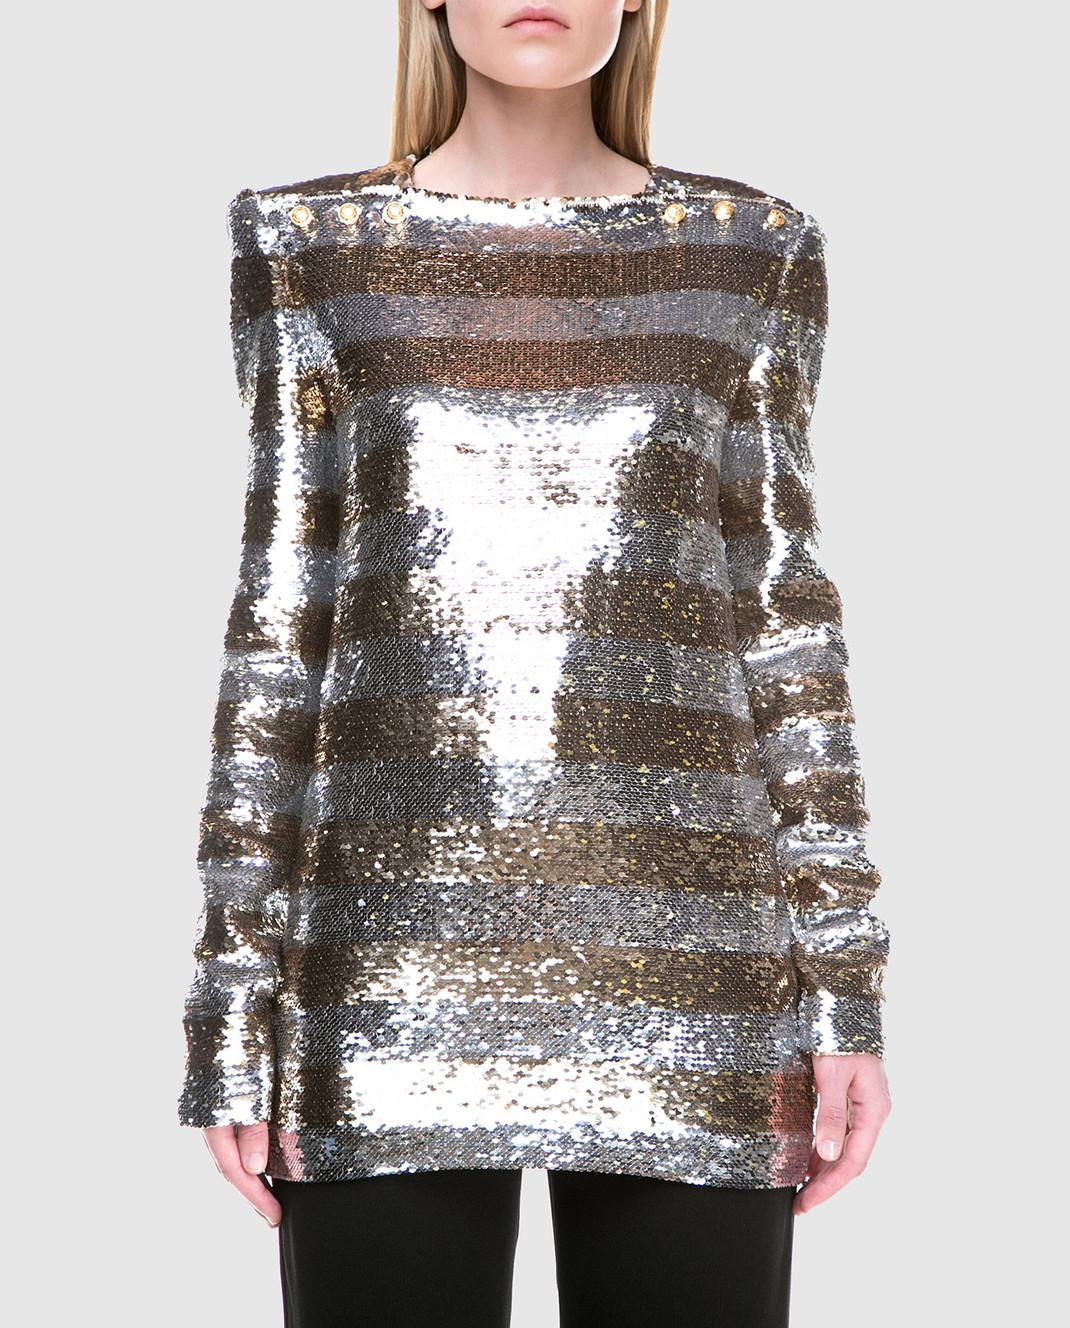 Balmain Серебристая блуза с пайетками 131513 изображение 3